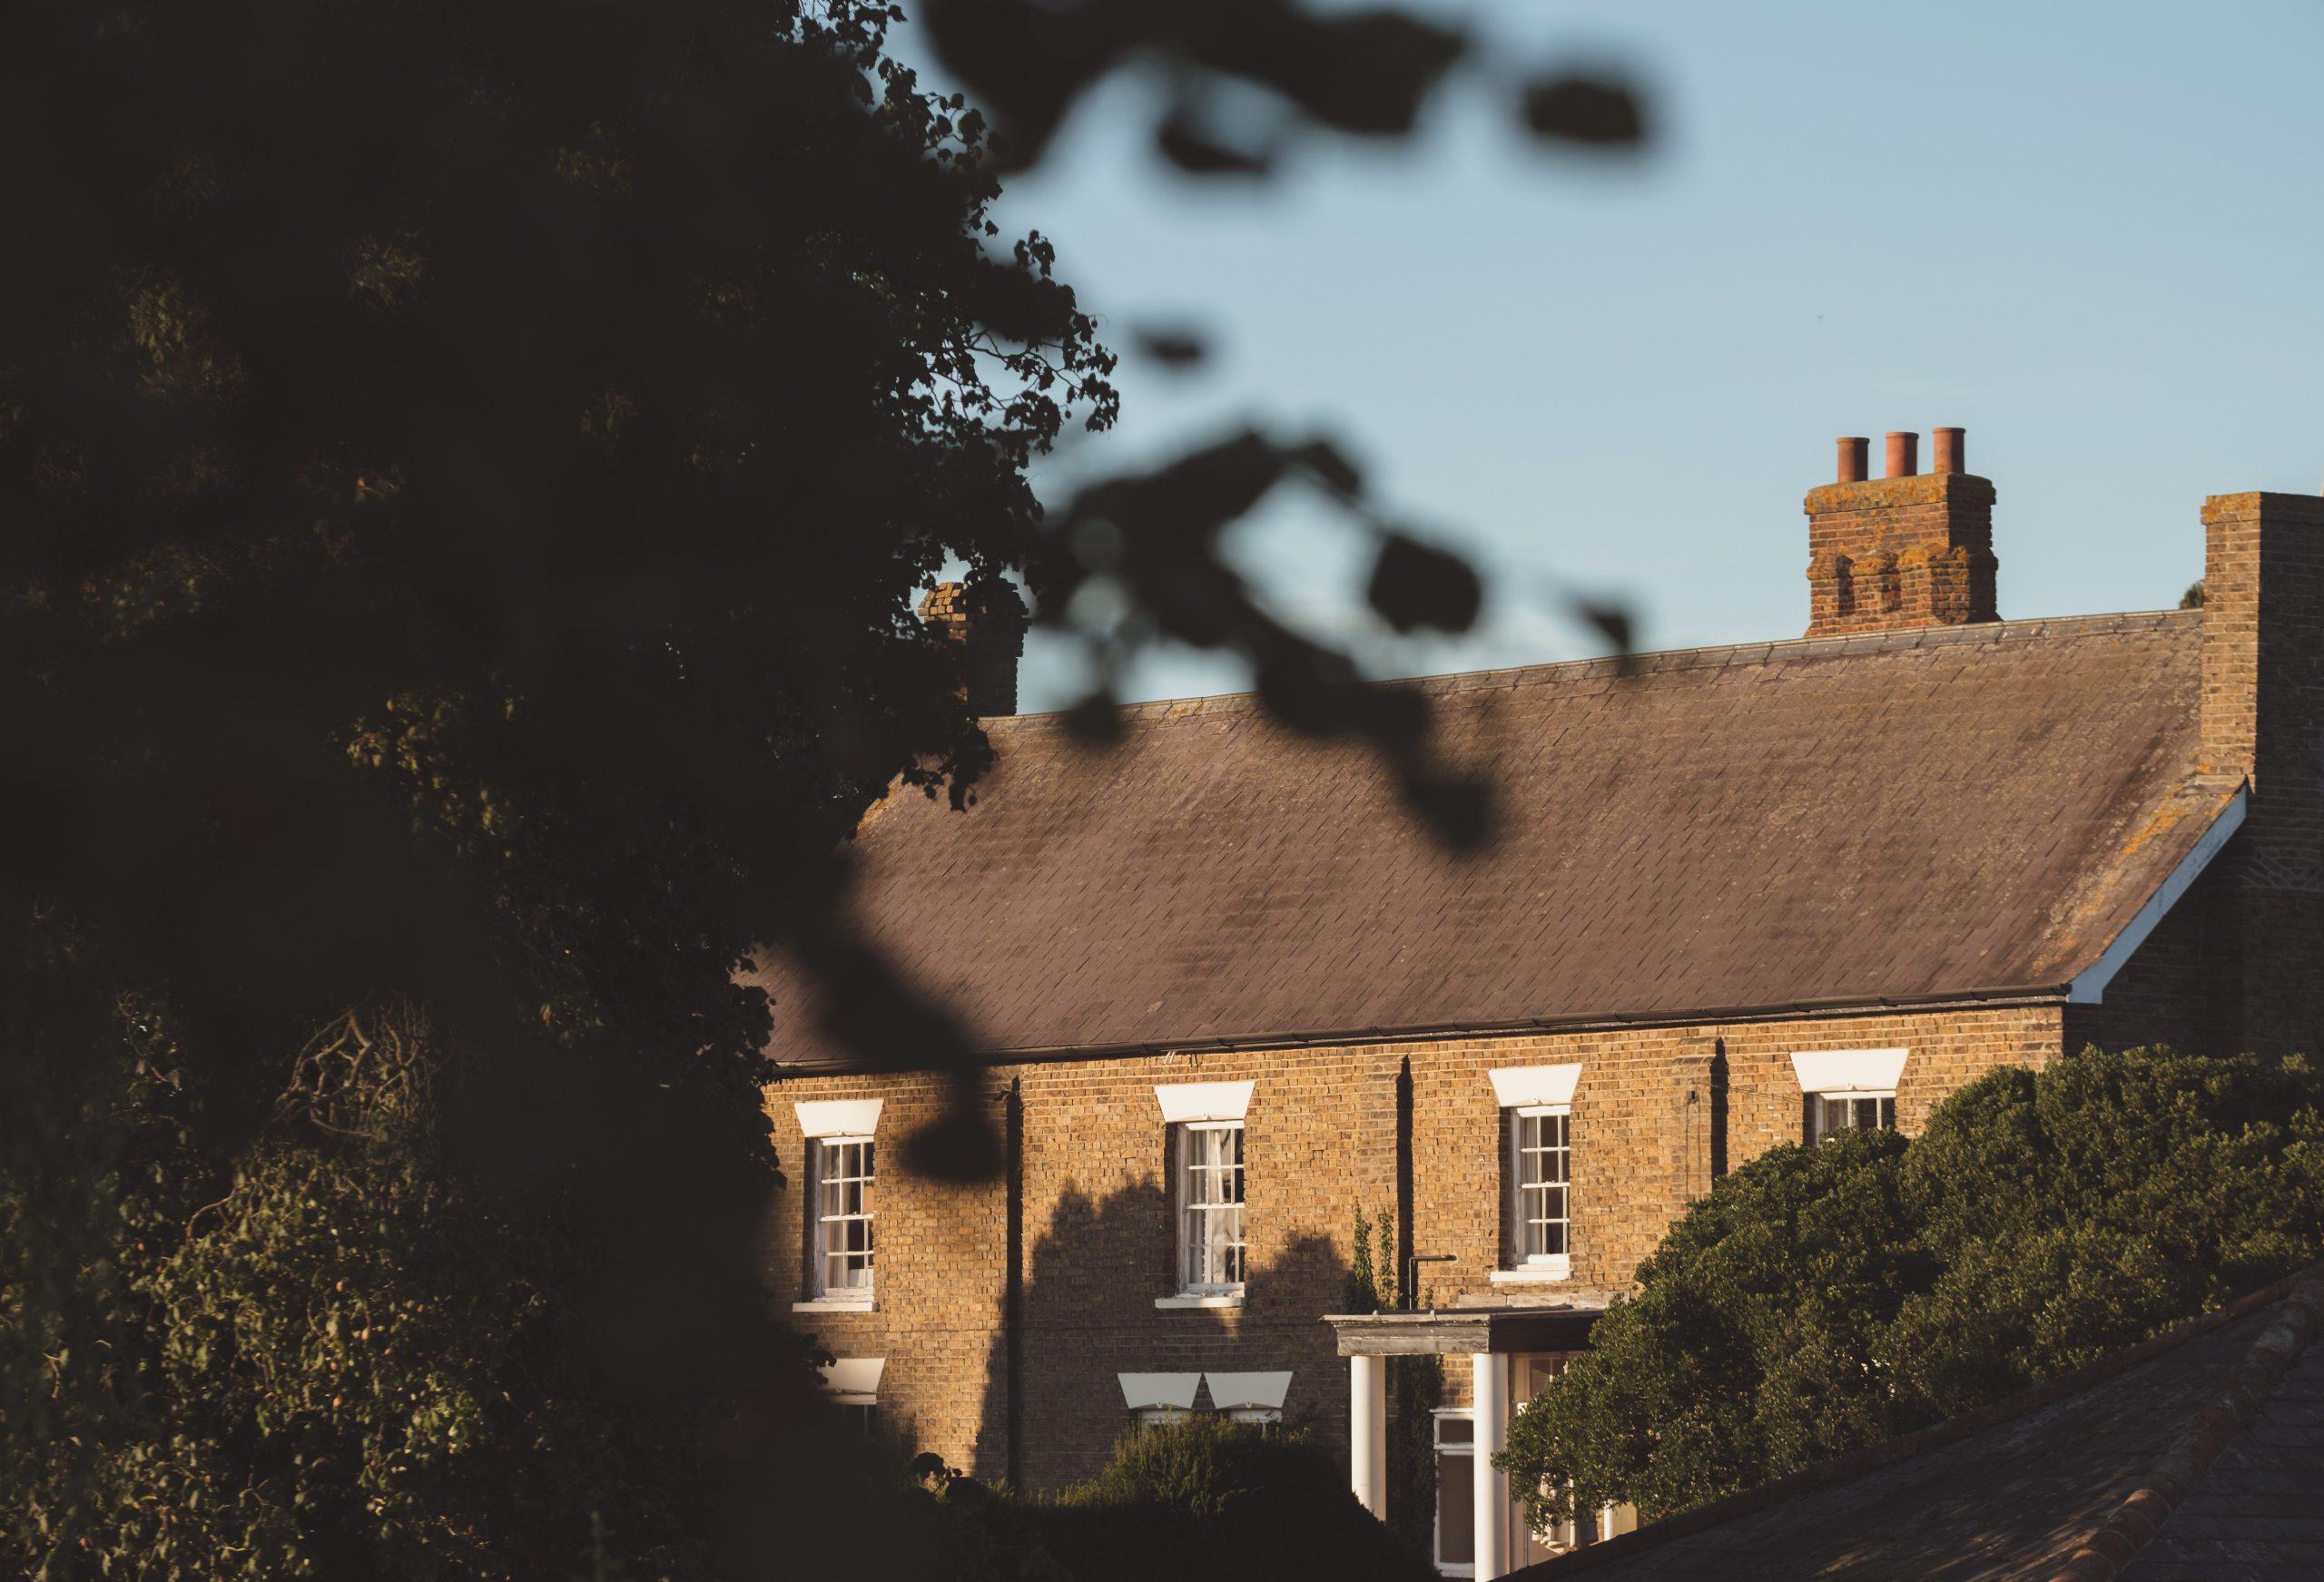 Marks Hall Farmhouse